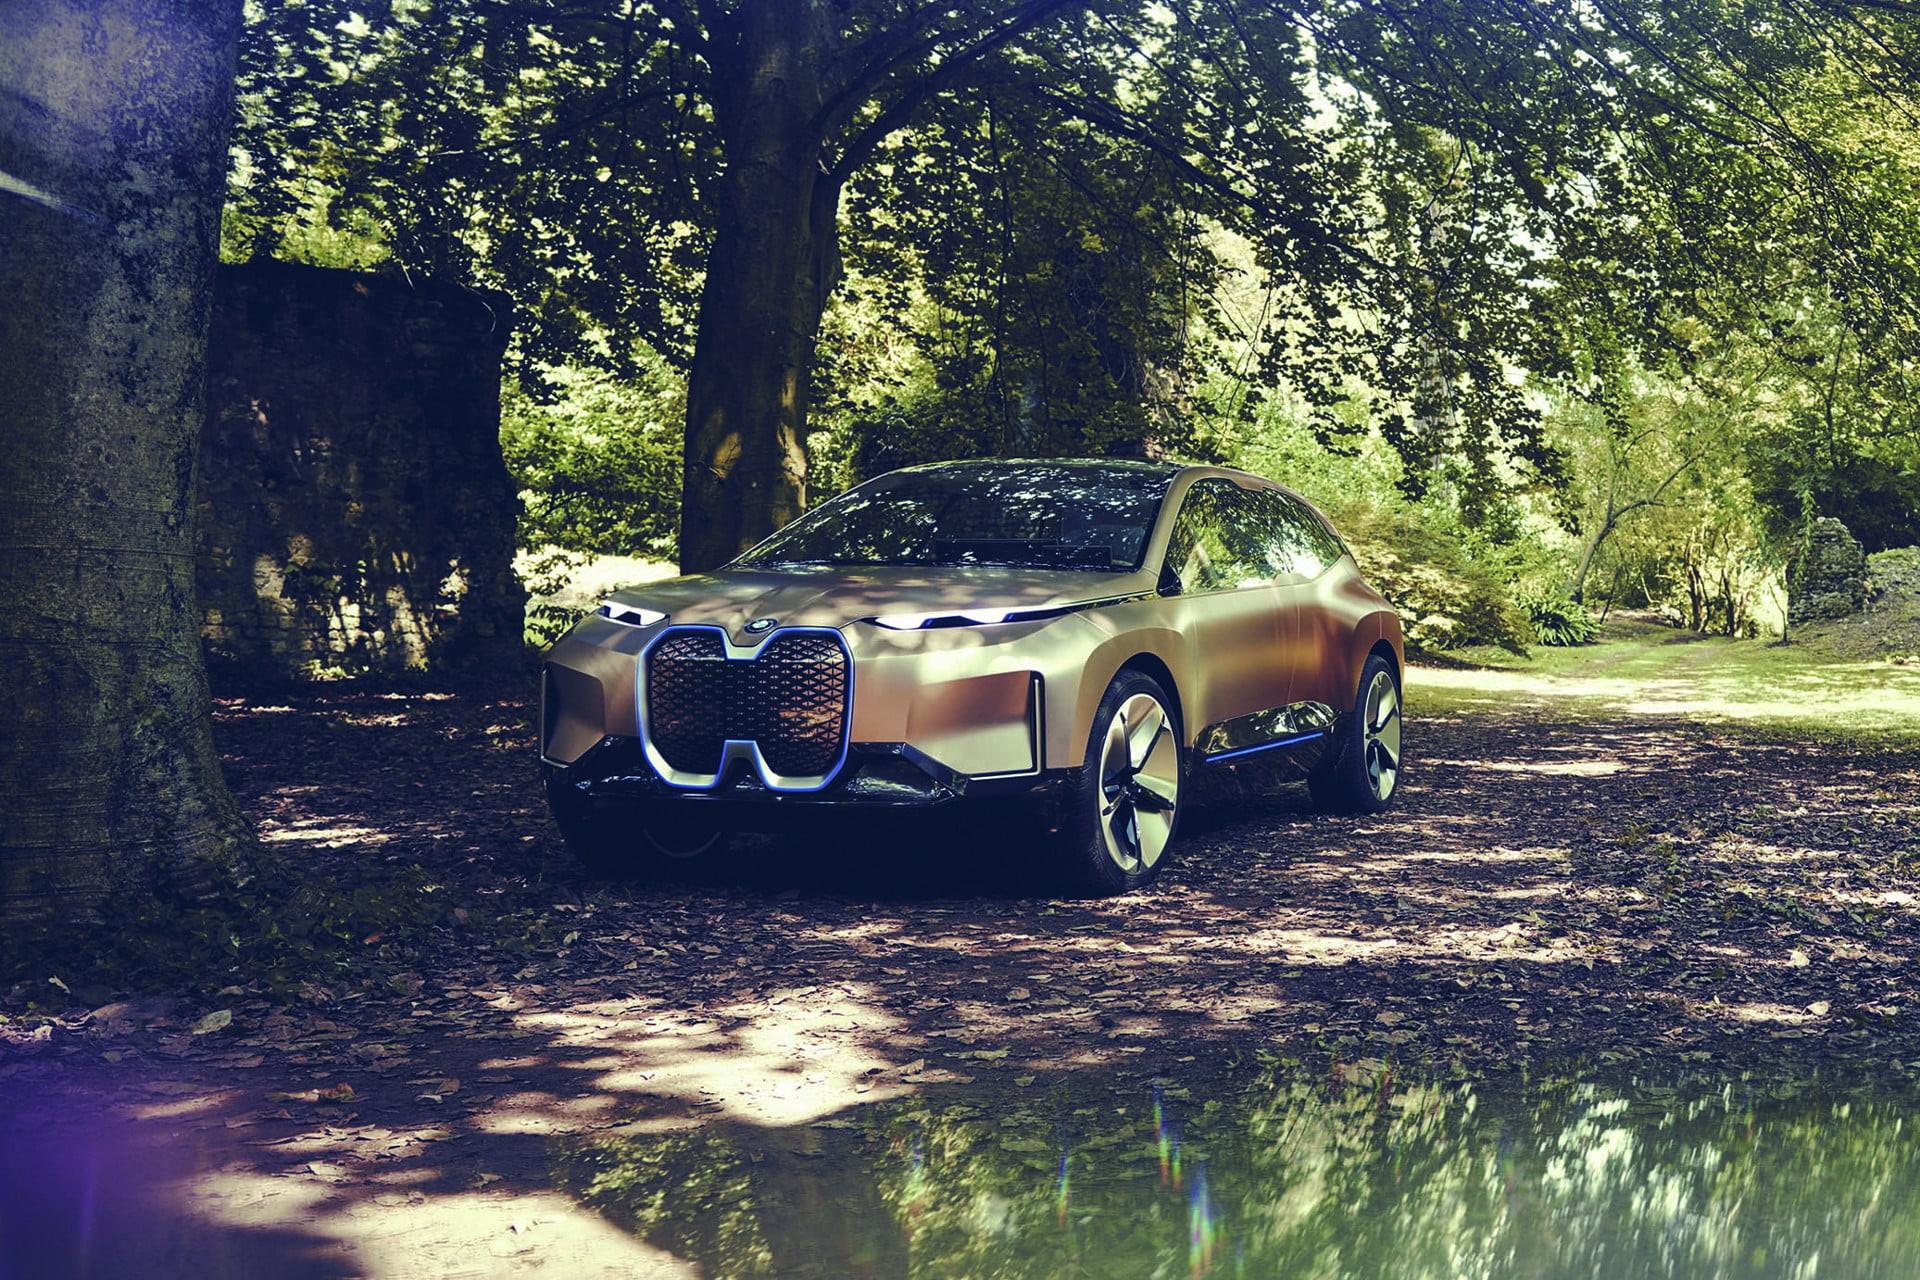 BMW promete carro autónomo para 2021